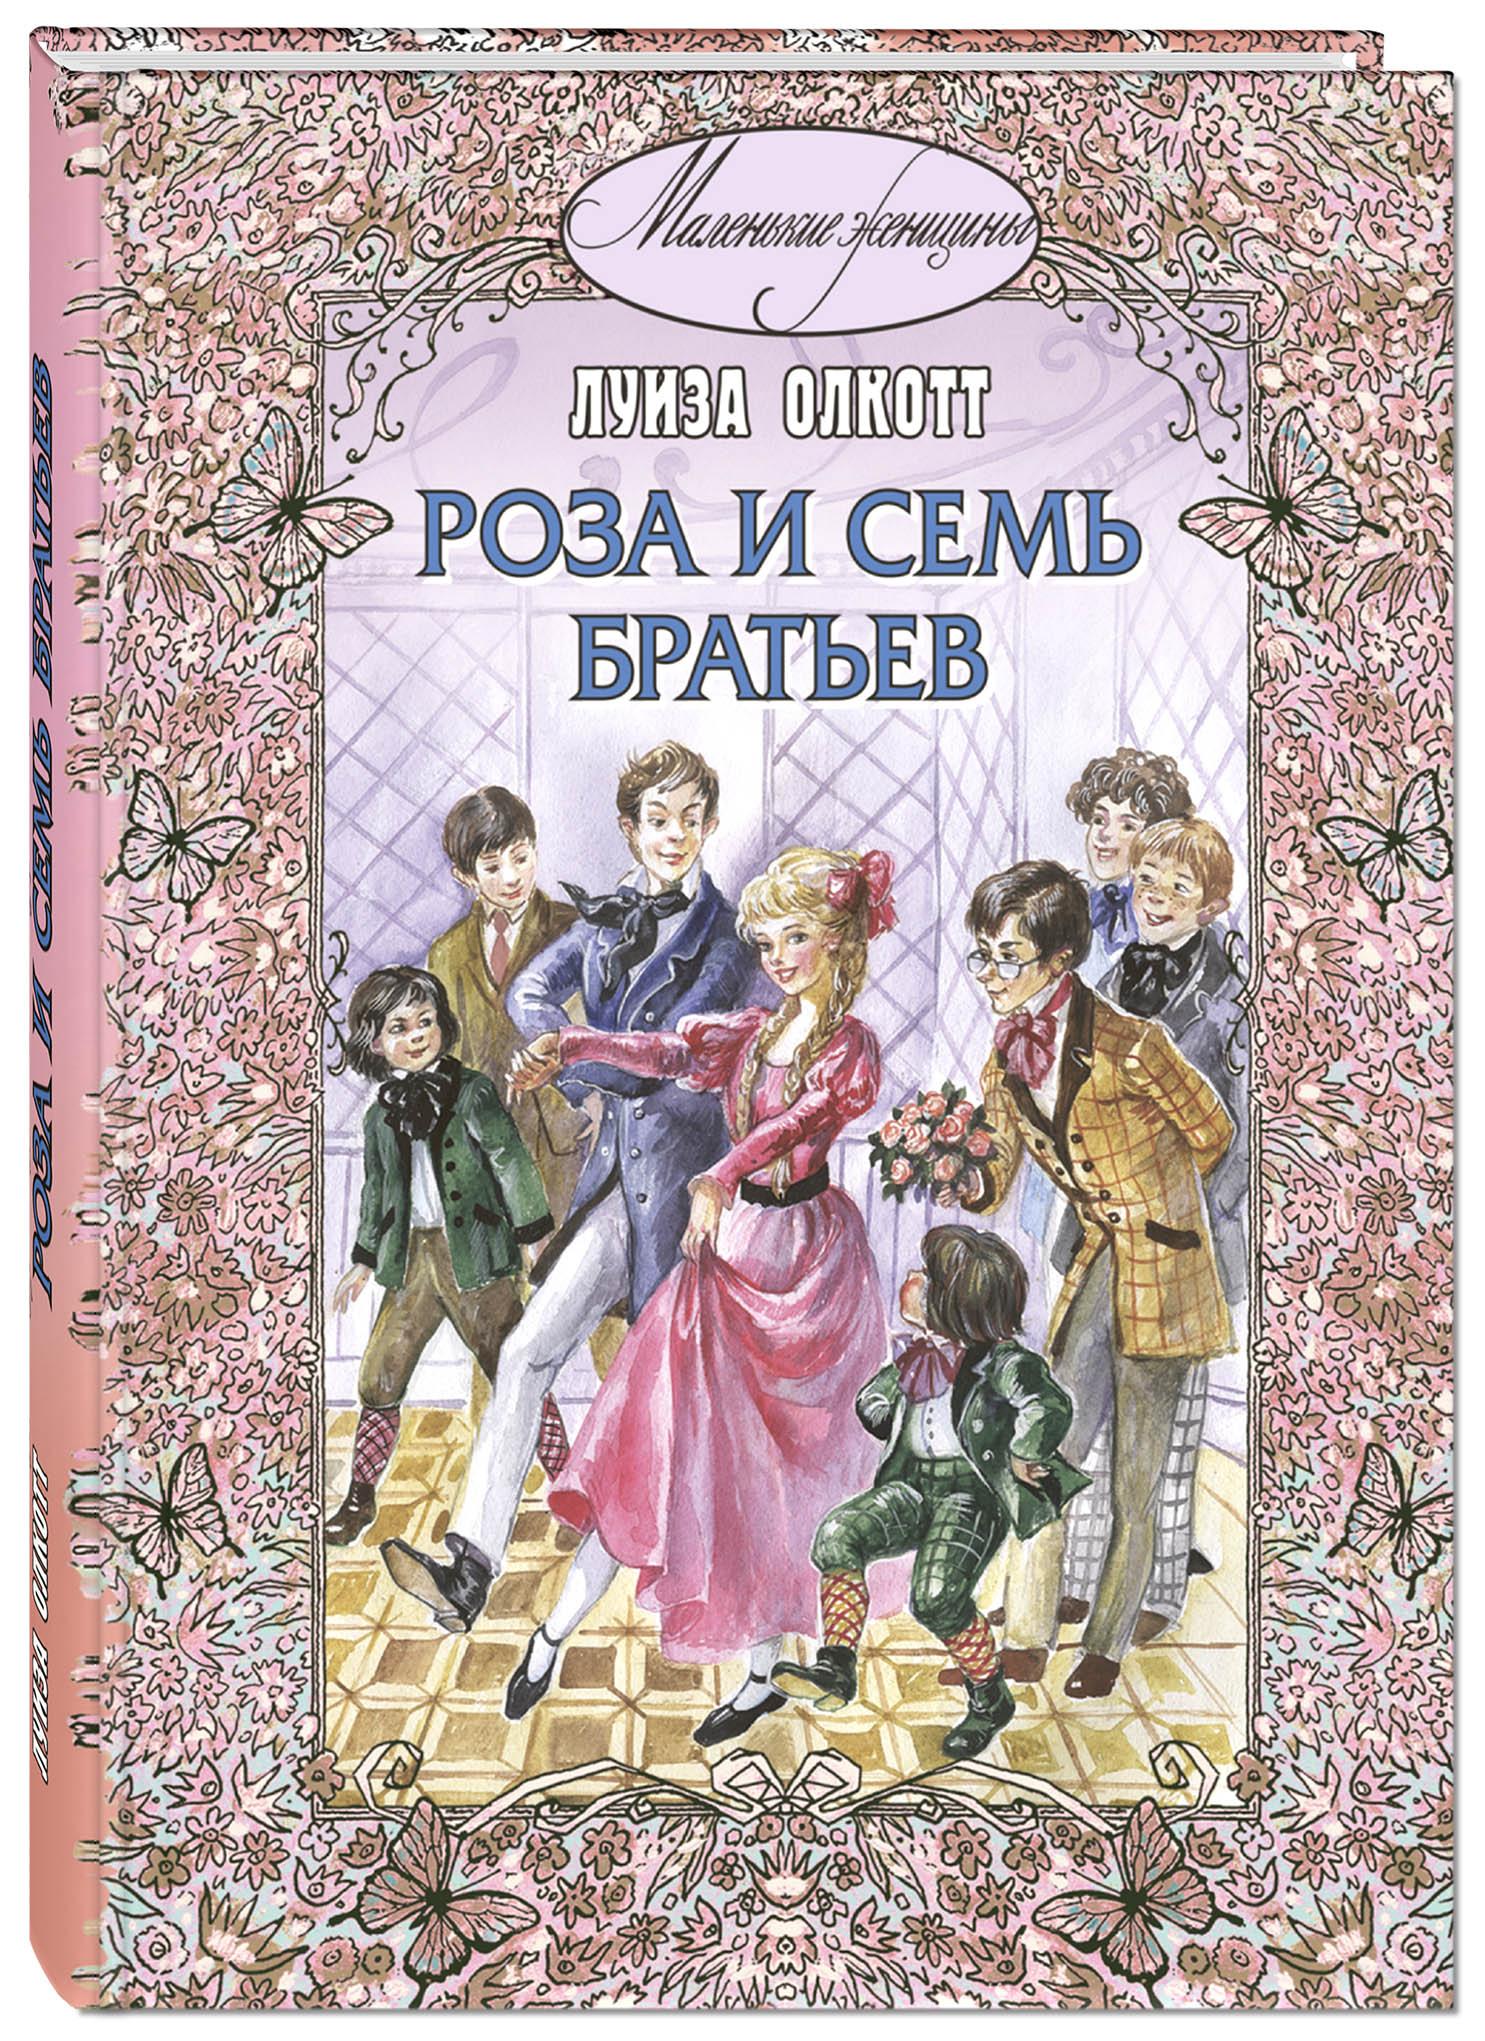 Луиза Олкотт Роза и семь братьев олкотт л м роза и семь братьев isbn 978 5 91921 396 3